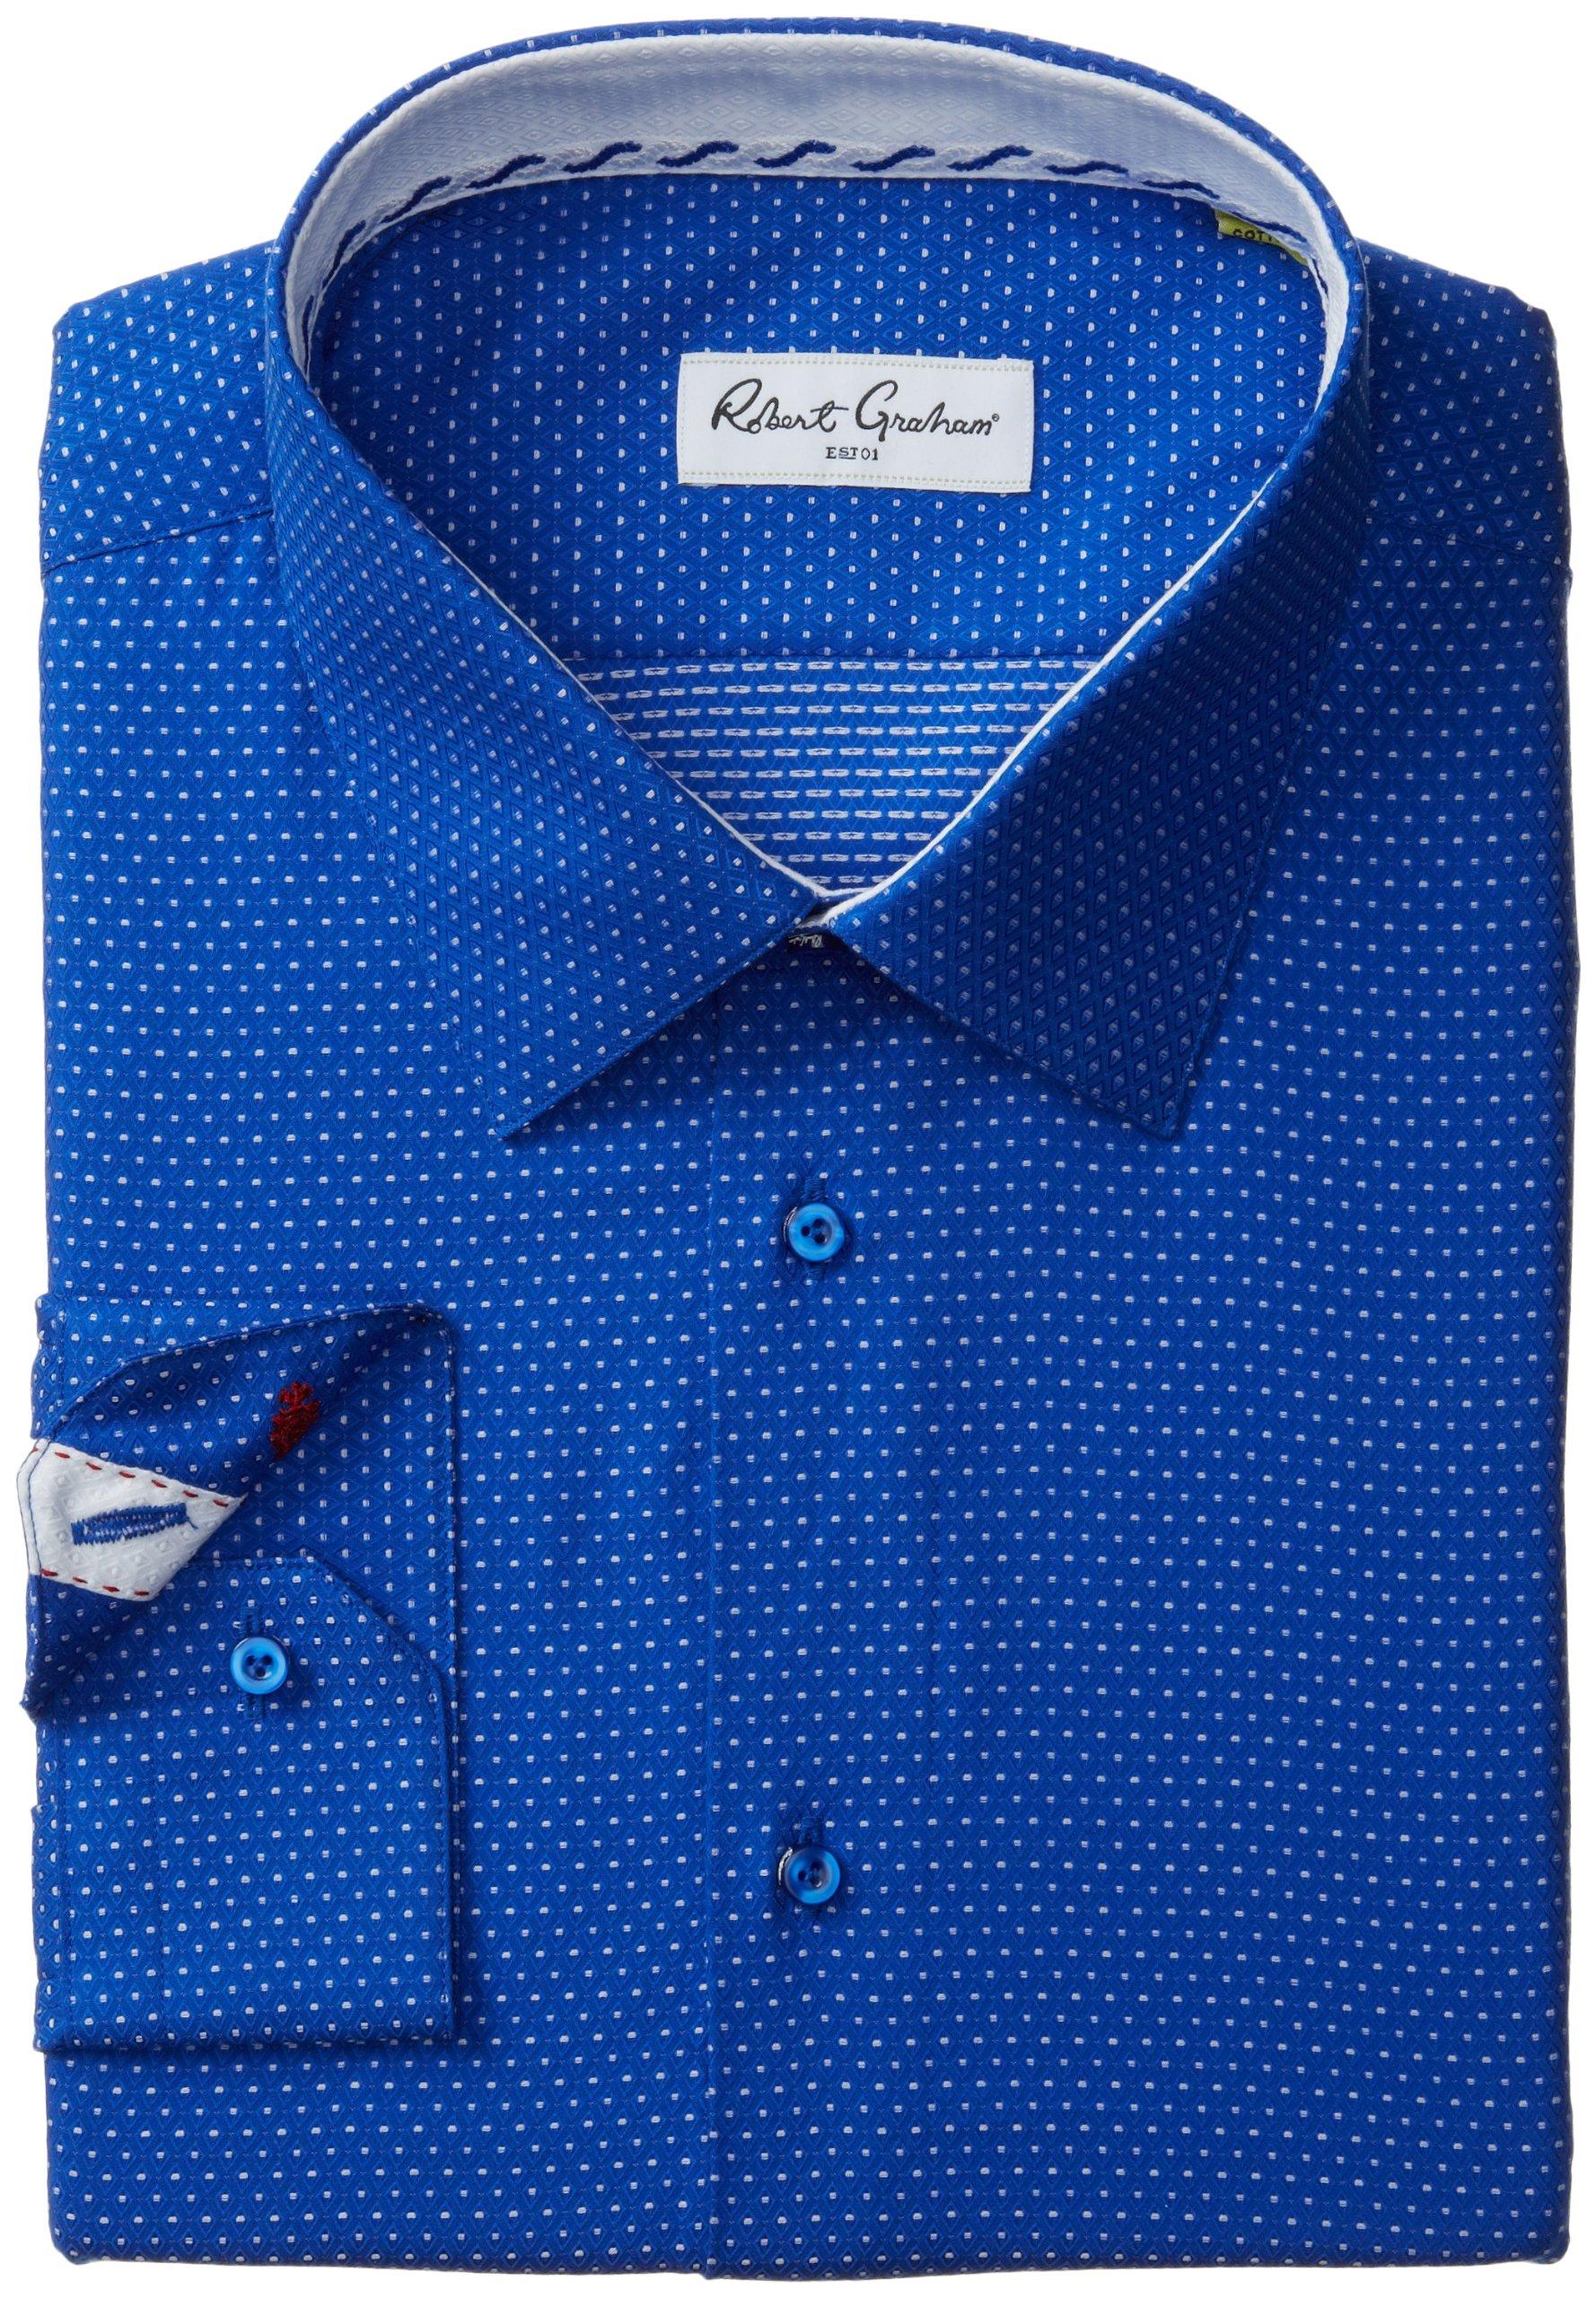 Robert Graham Men's Clarence Regular Cuffs Shirt, Navy, 18 by Robert Graham